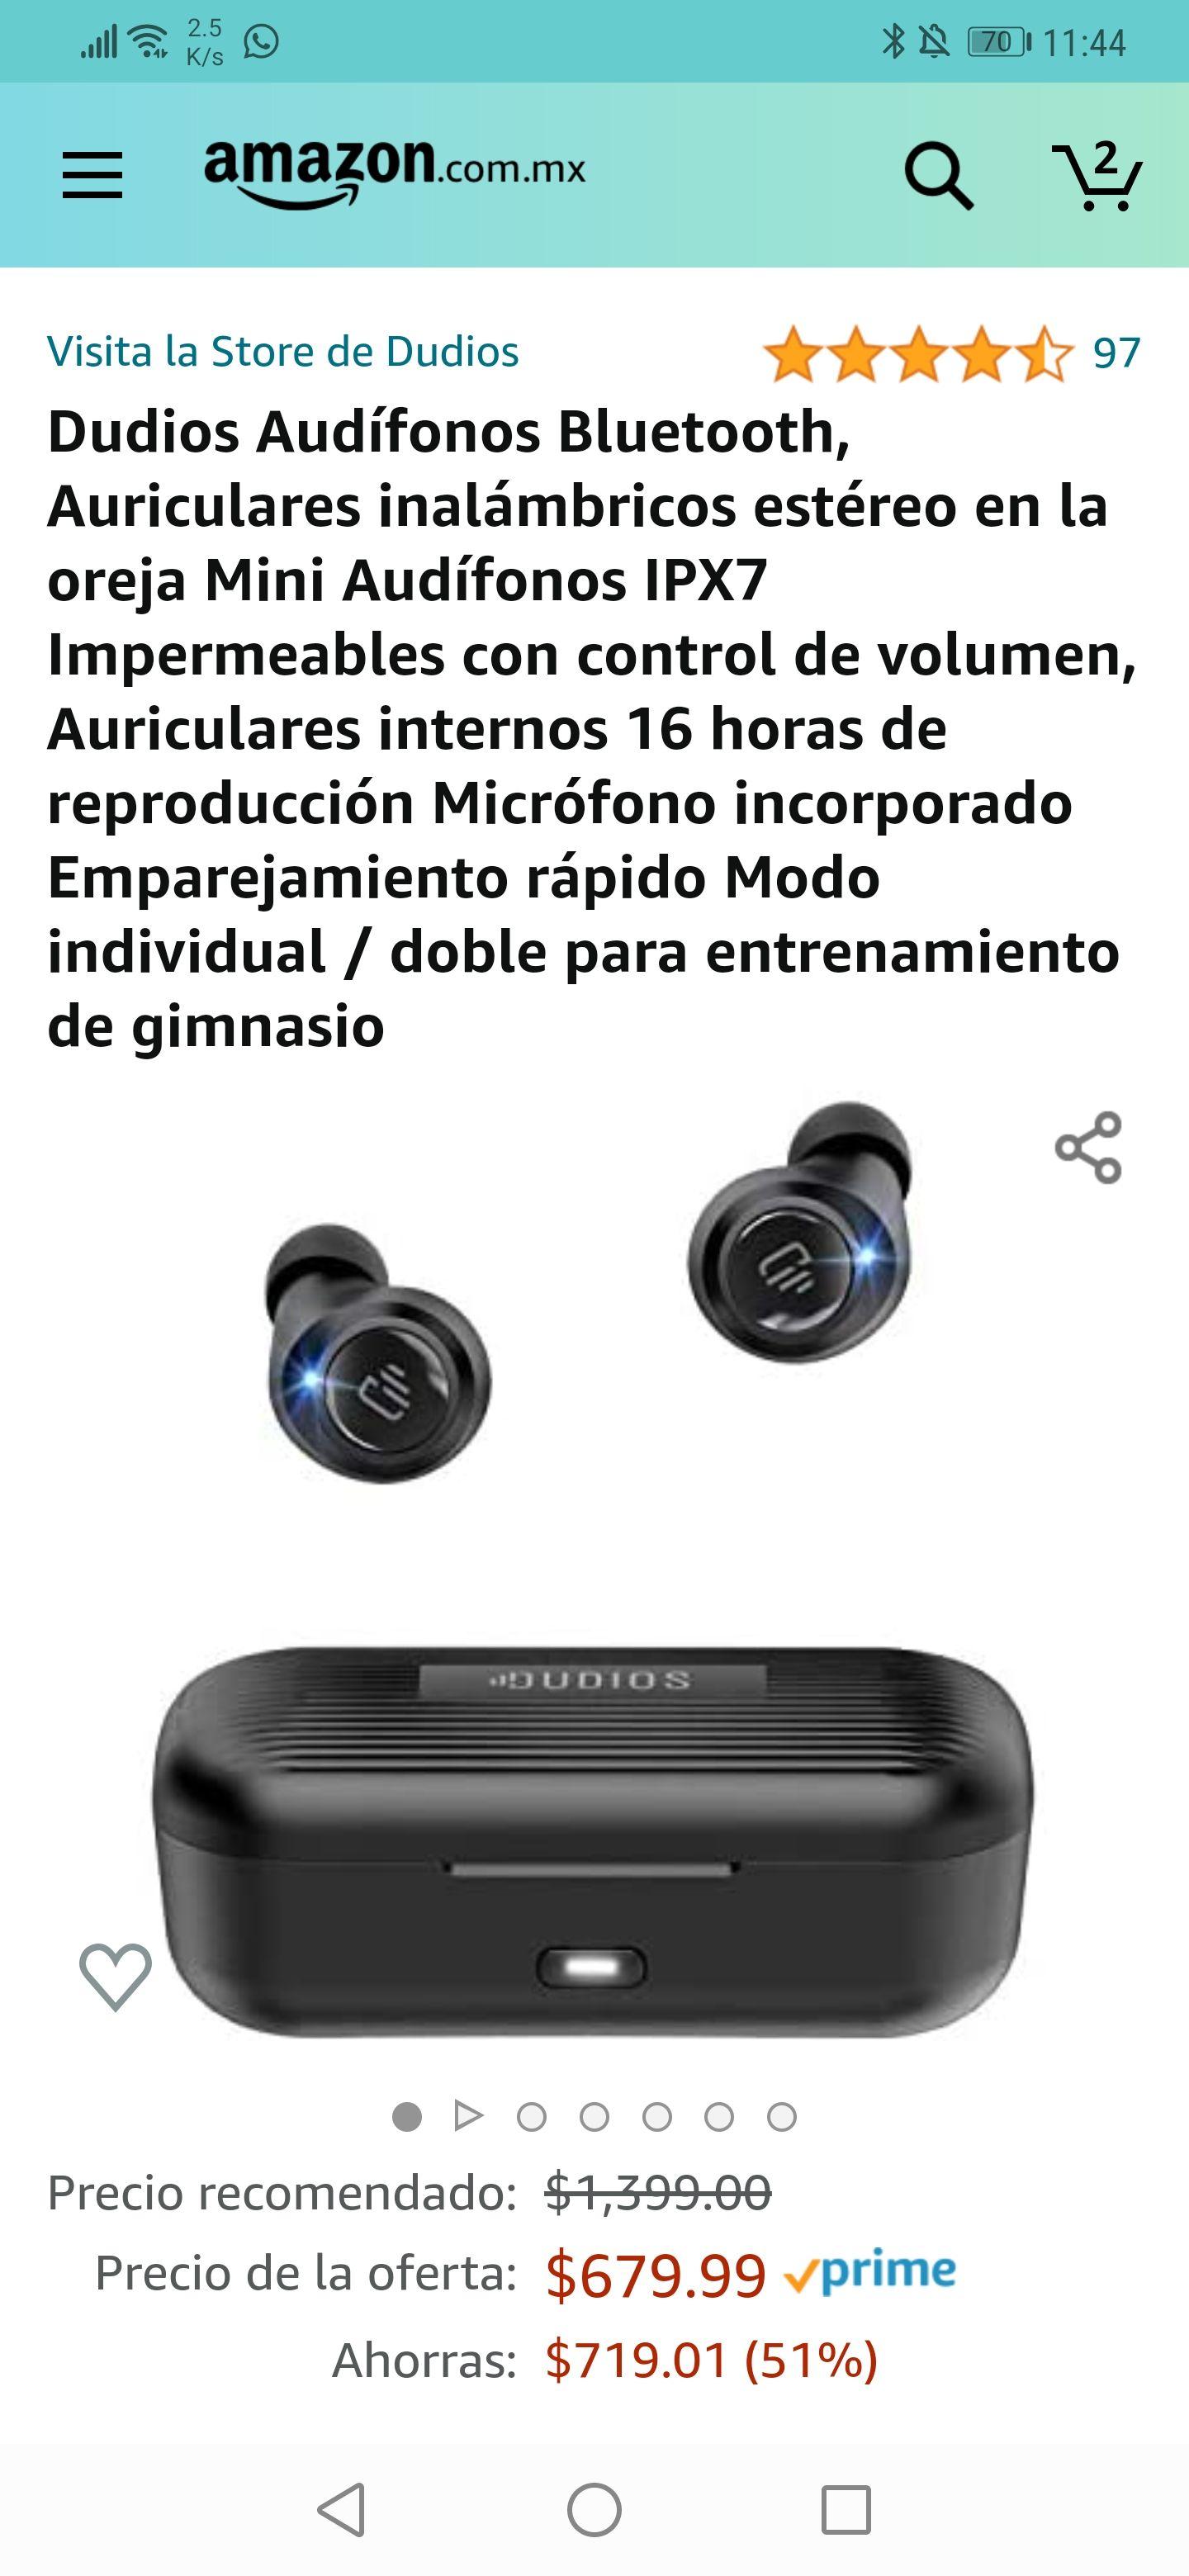 Amazon: Dudios Audífonos Bluetooth mejor precio histórico